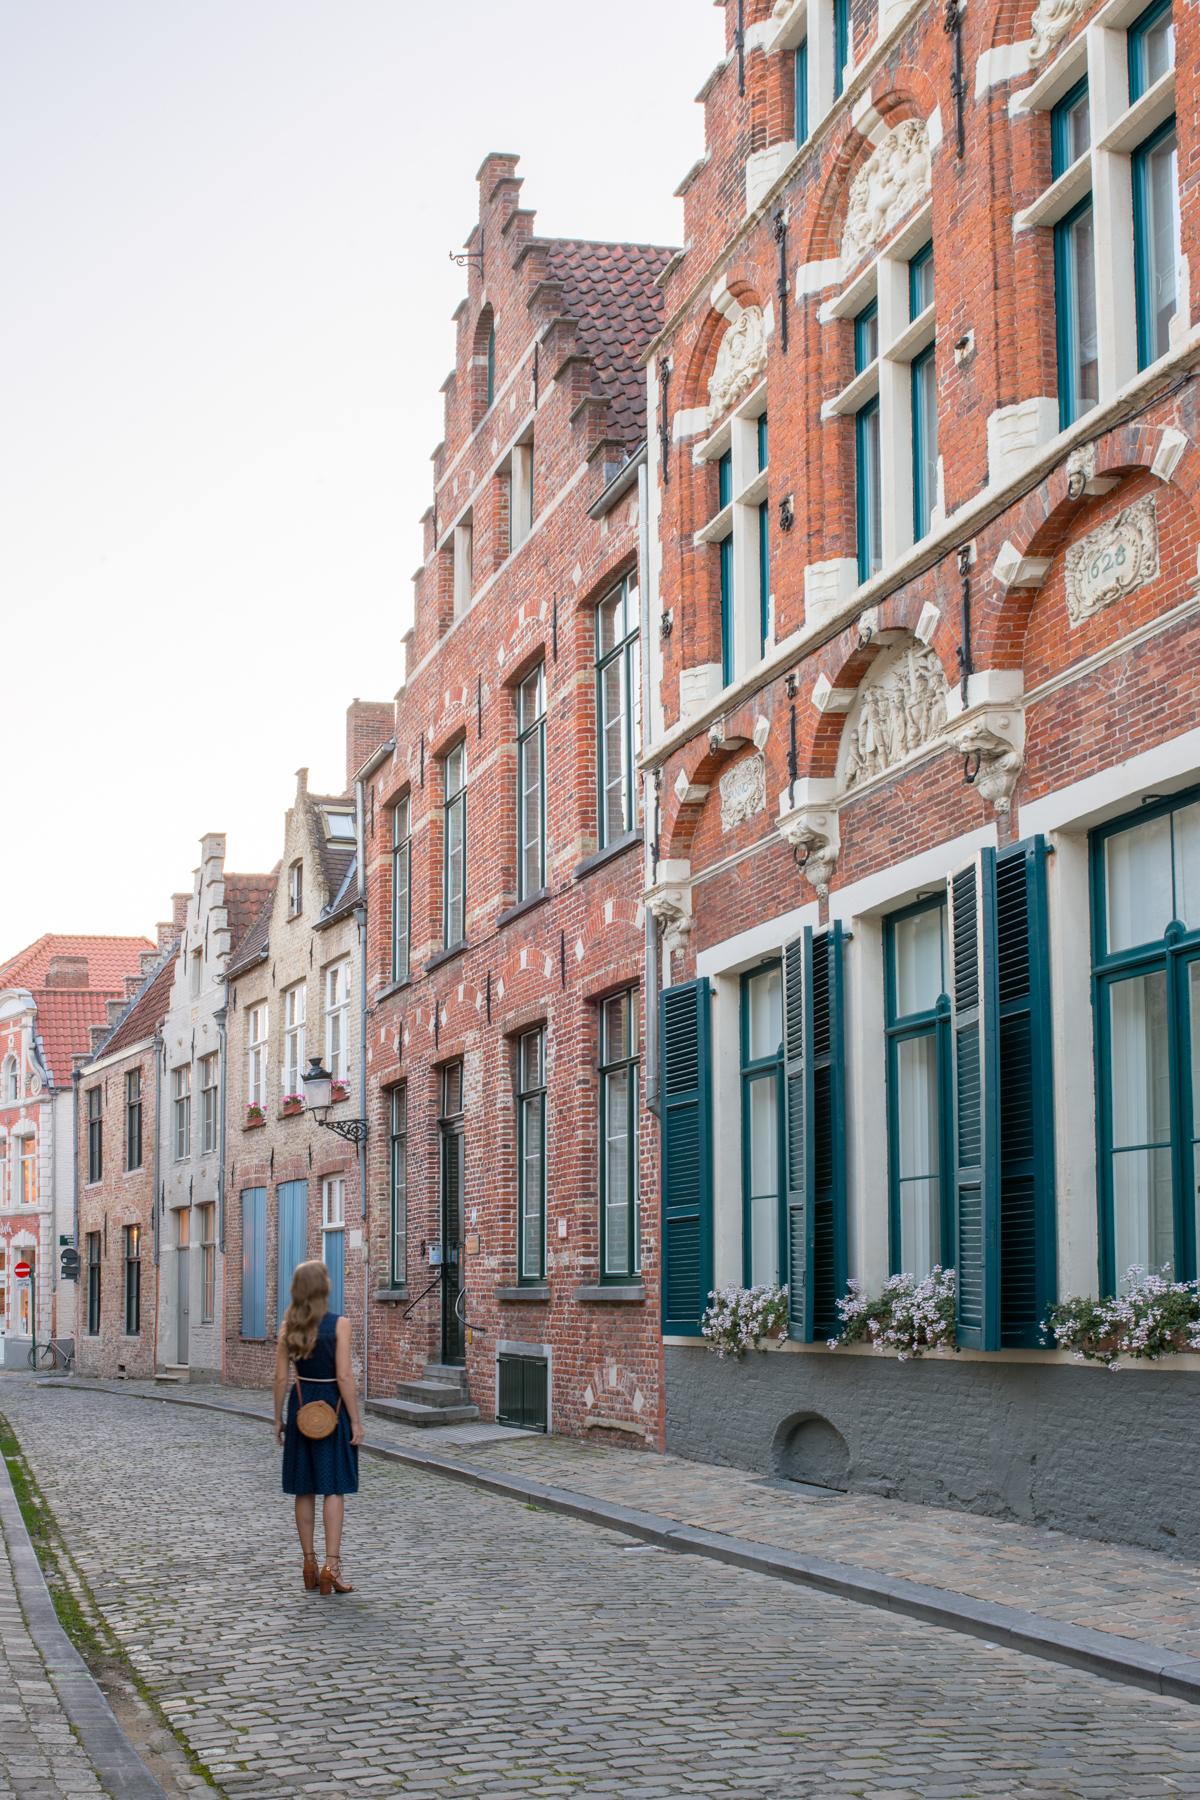 Stacie Flinner Brugge City Guide-40.jpg